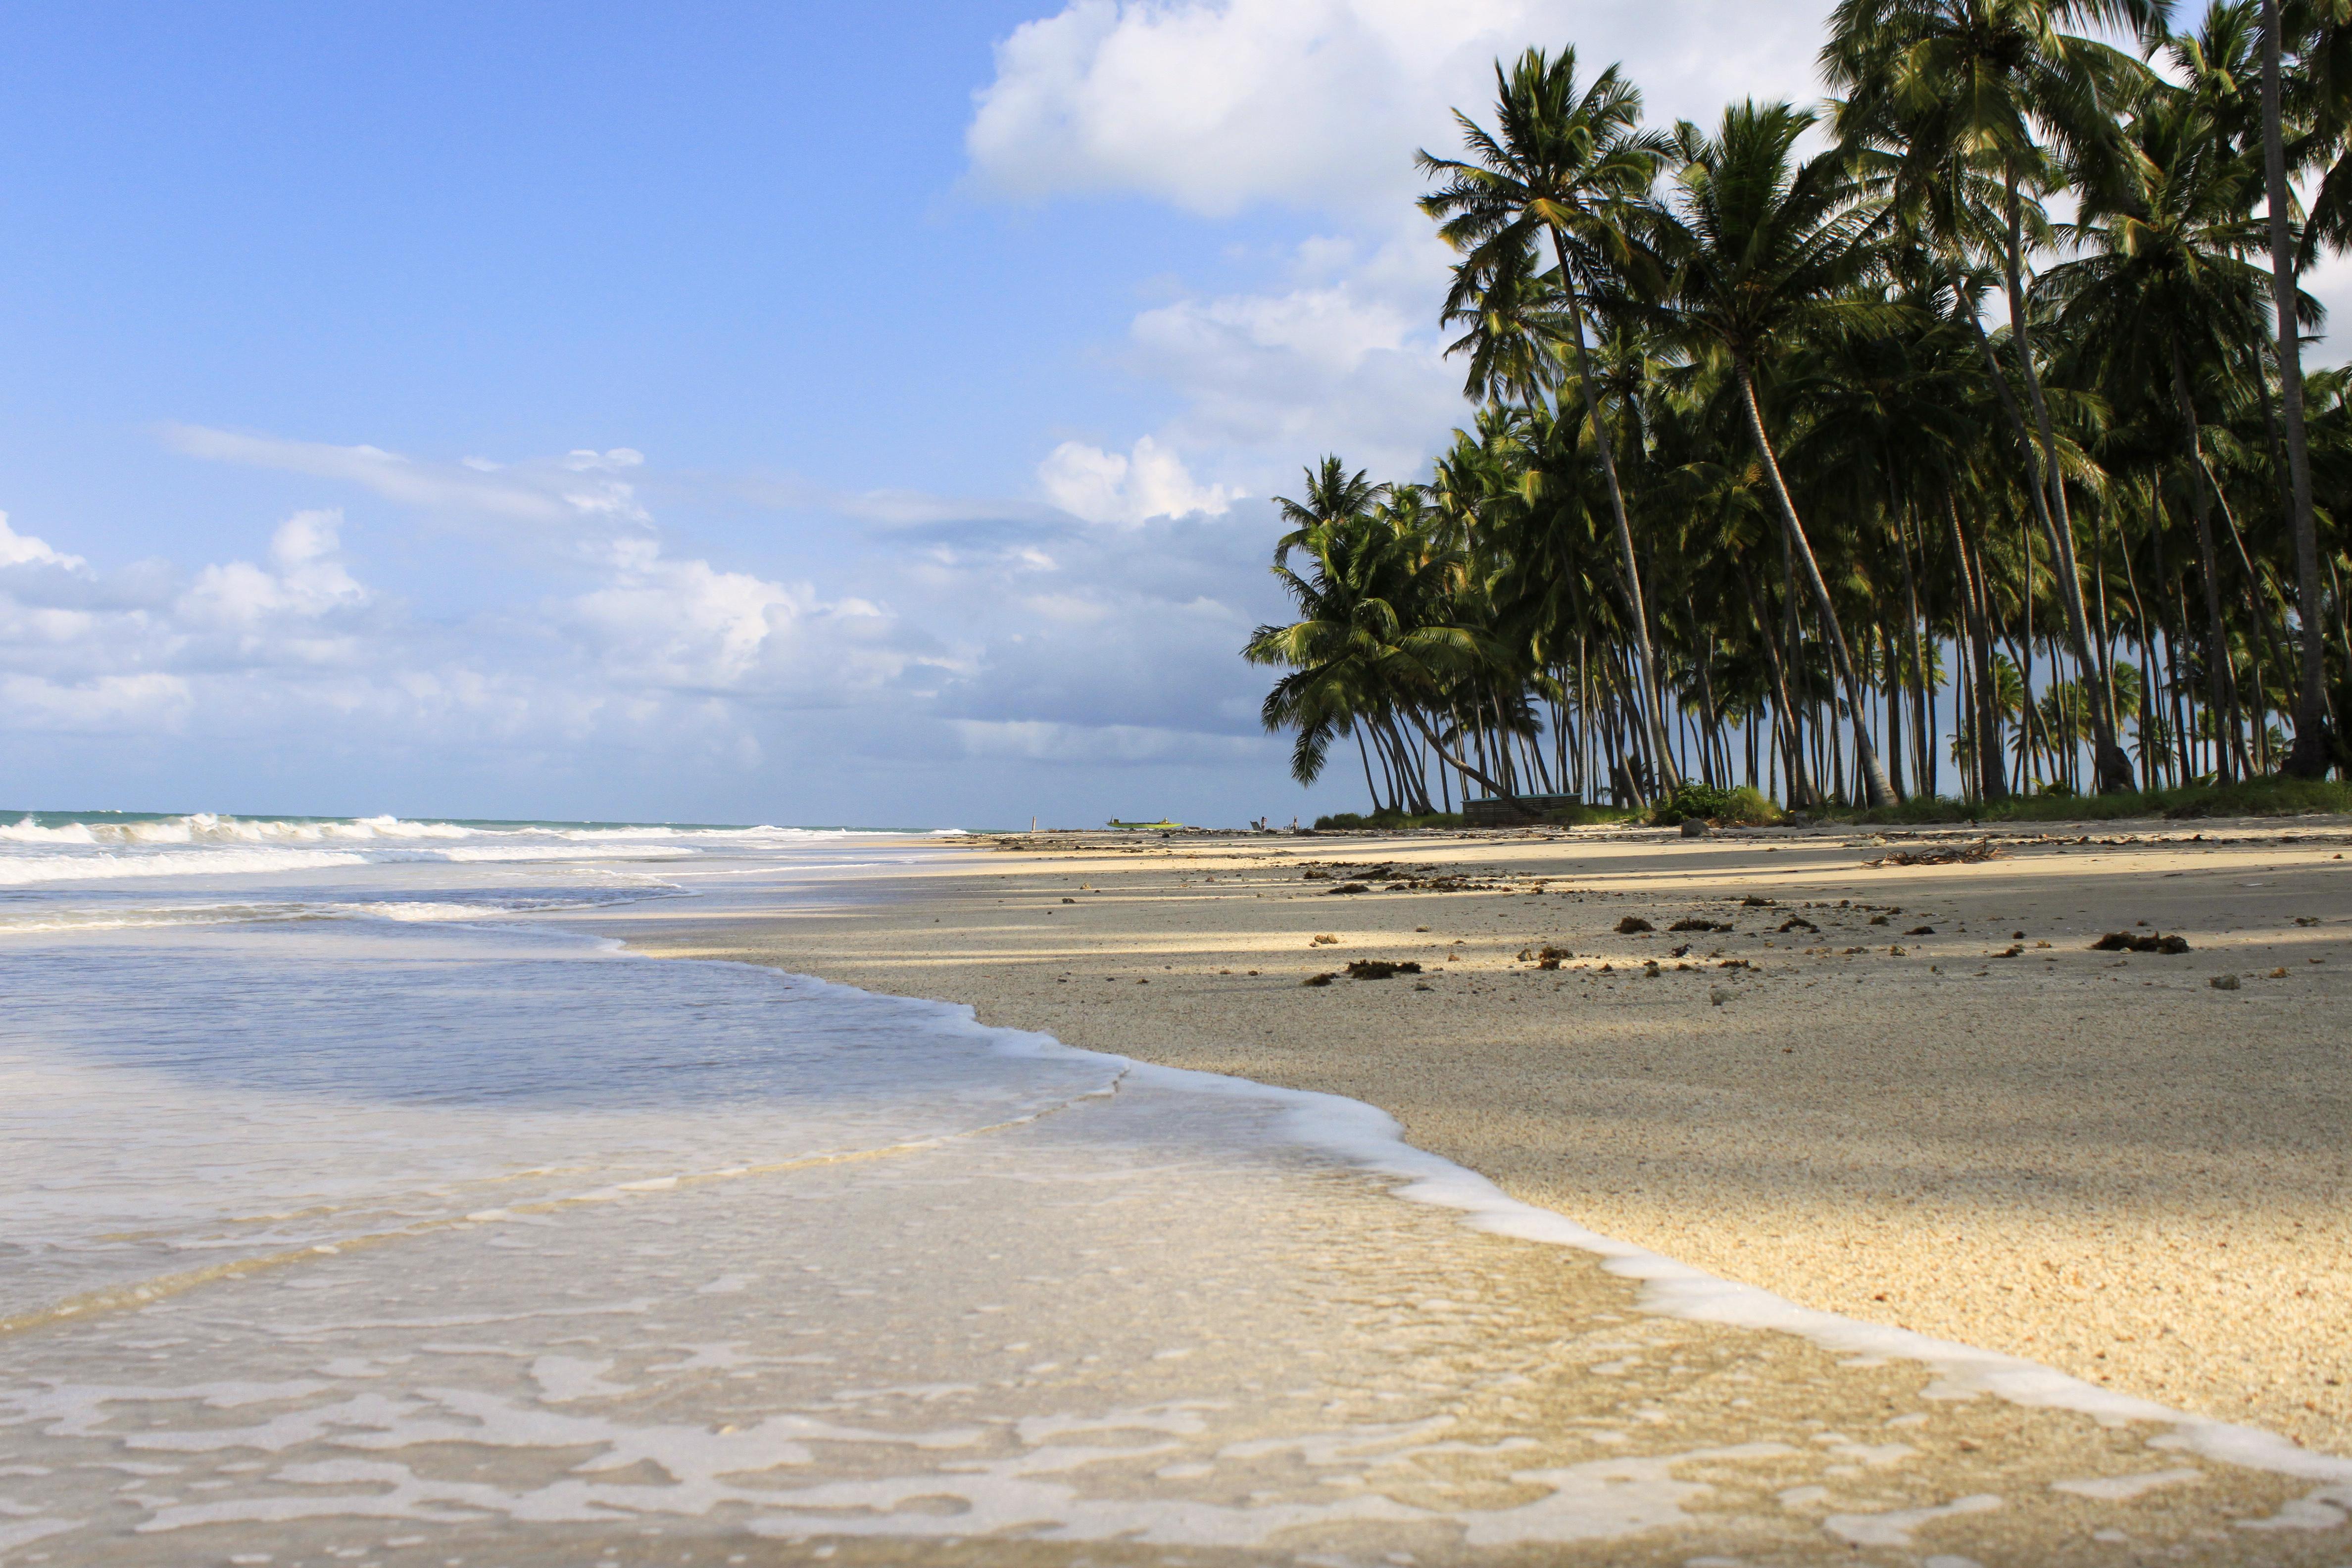 Relaxar, folgar, descansar, sossegar, se renovar = Praia dos Carneiros